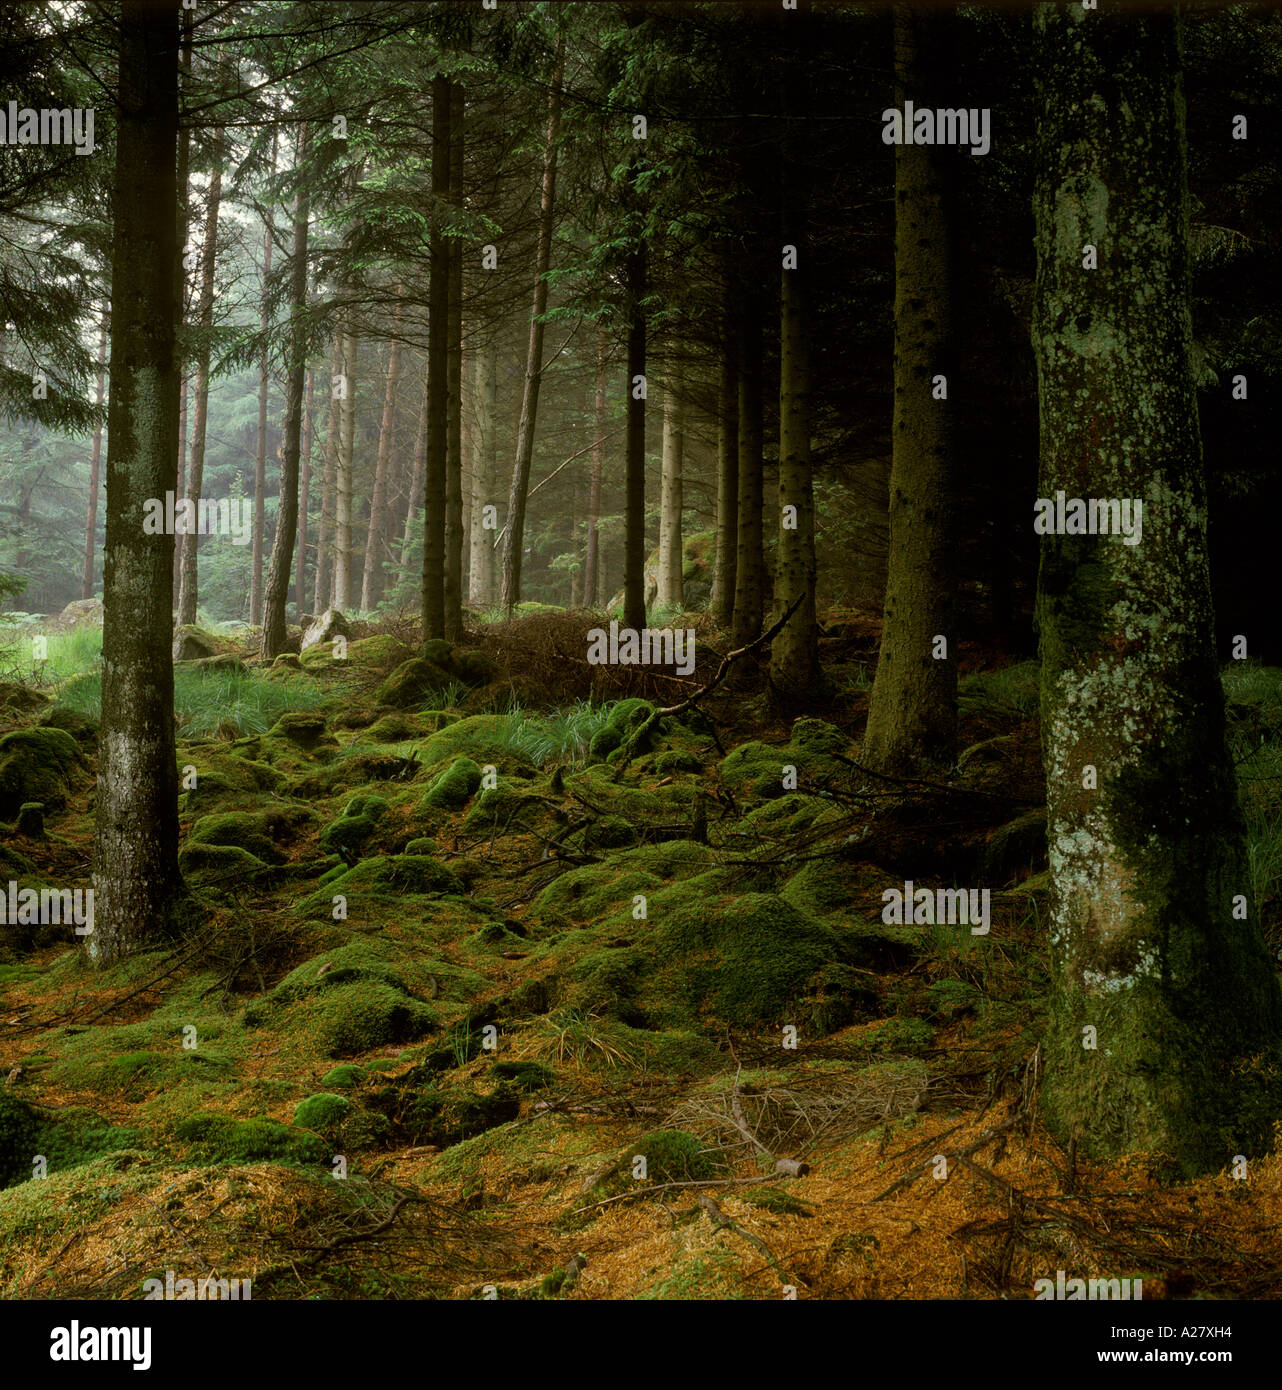 Des roches couvertes de mousse dans la forêt écossaise Banque D'Images